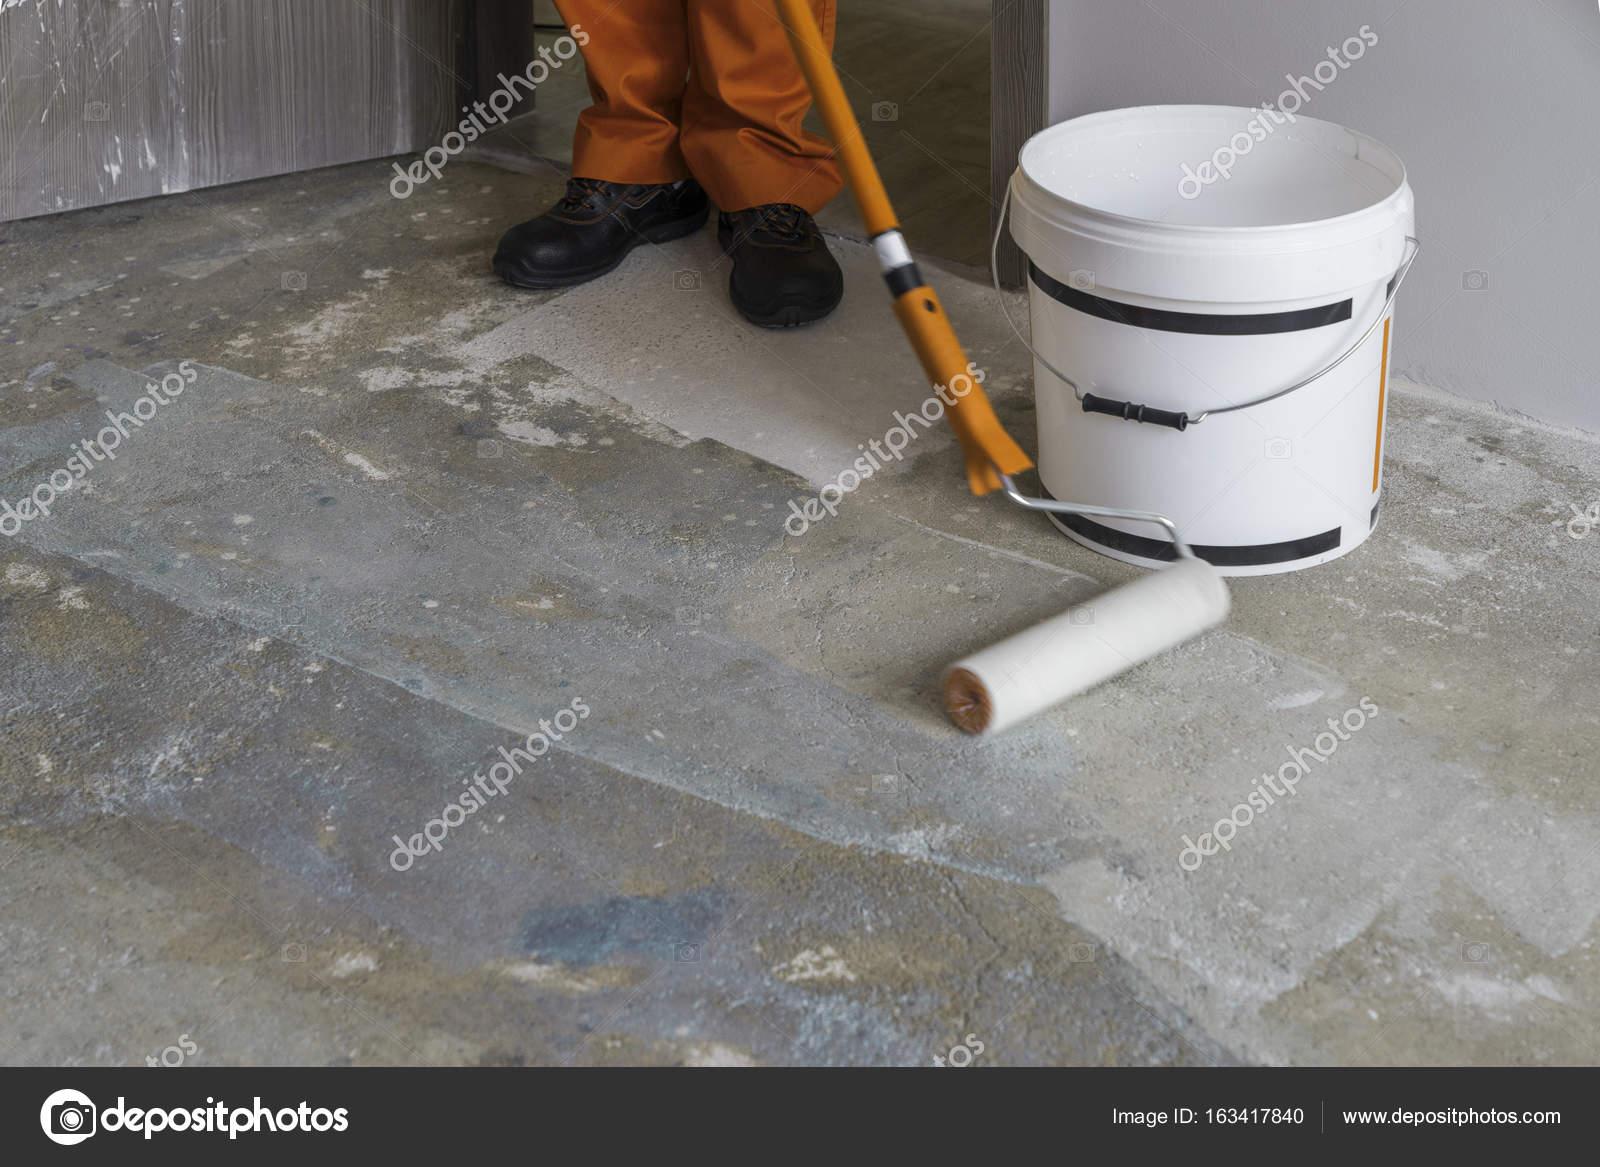 Wohnung im Bau. Arbeiter aufsetzt Grundierung mit Walze — Stockfoto ...